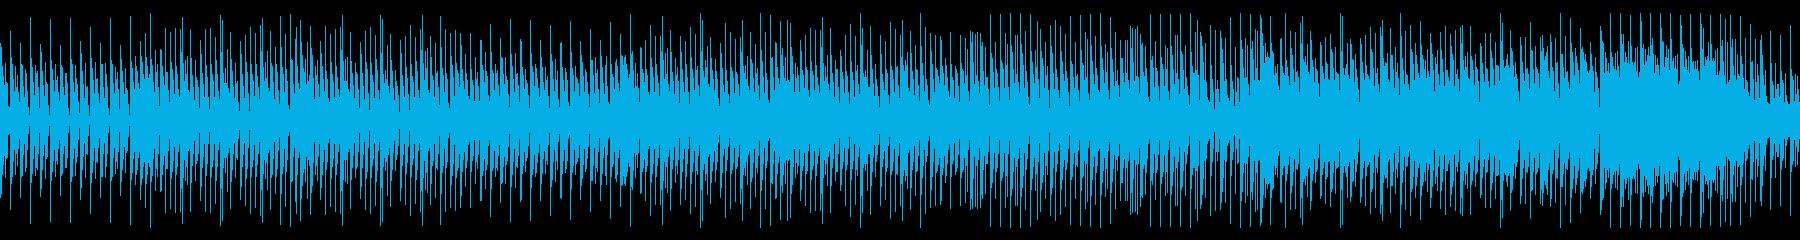 【ループ】いたずらコミカルなハロウィン曲の再生済みの波形